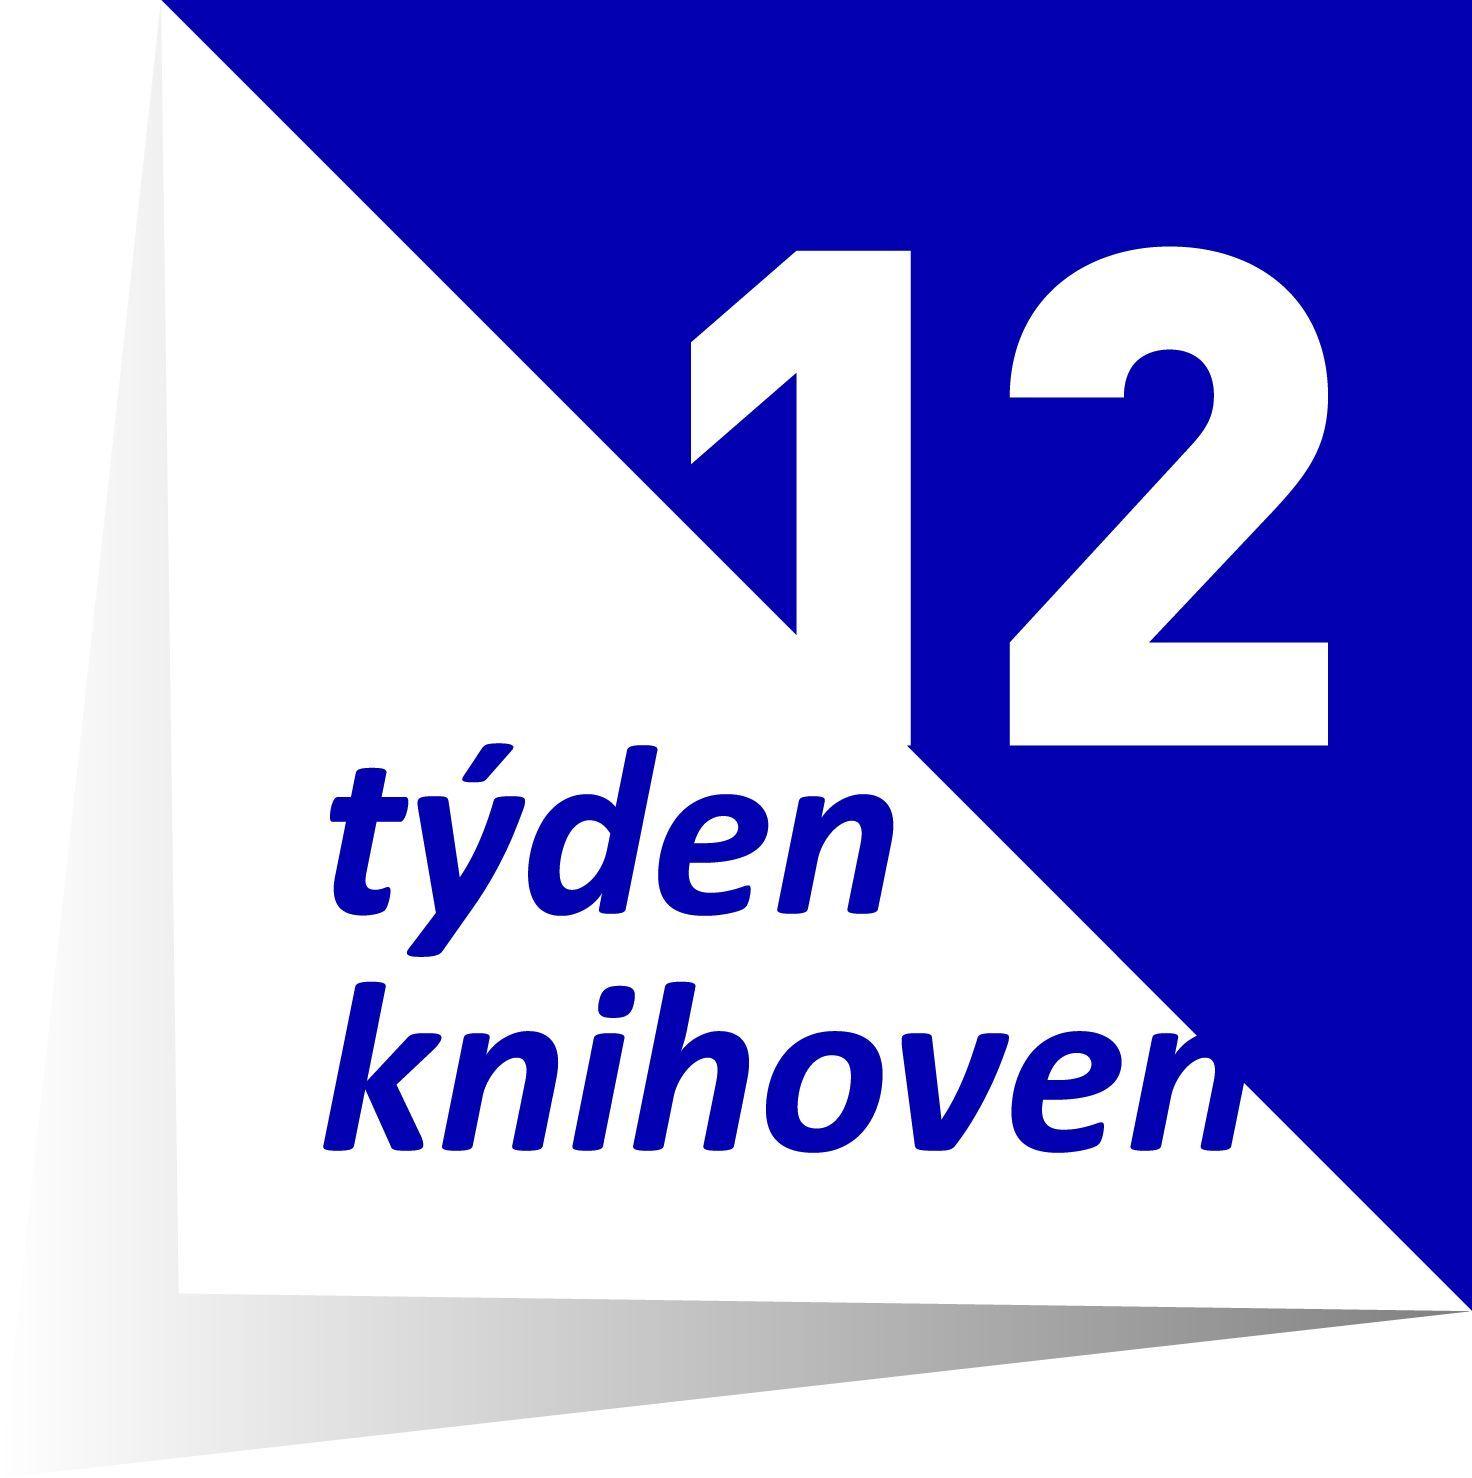 OBRÁZEK : tyden-knihoven-2012.jpg